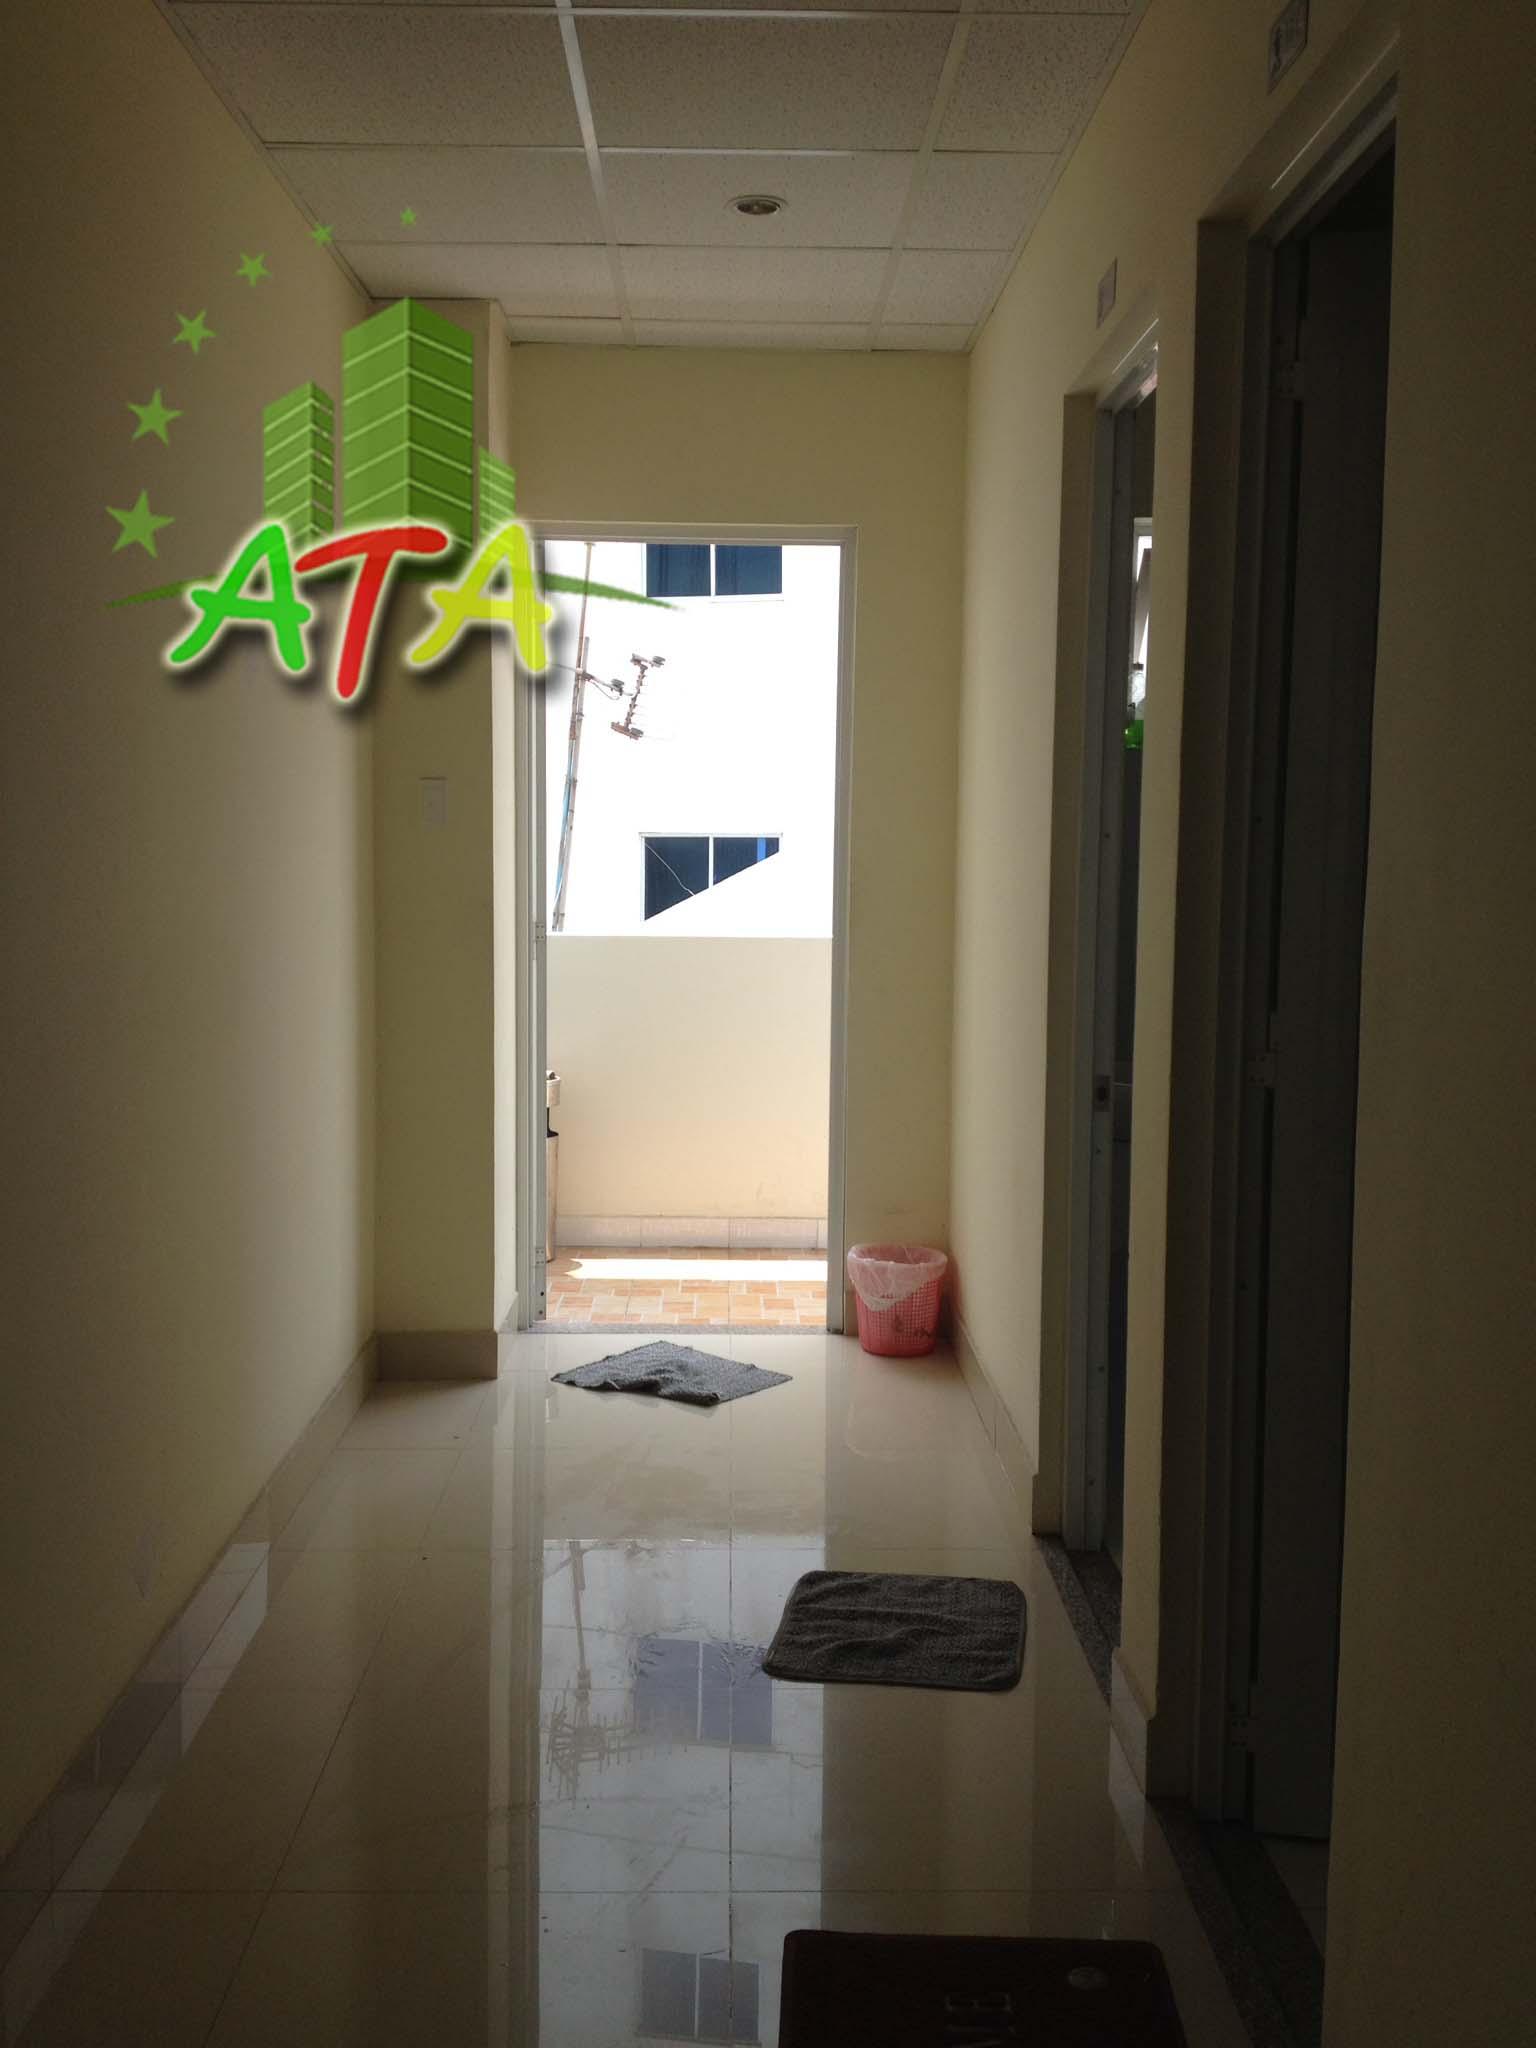 Văn phòng cho thuê quận Bình Thạnh, NGE Building, đường Ung Văn Khiêm, Office for lease in Binh Thanh